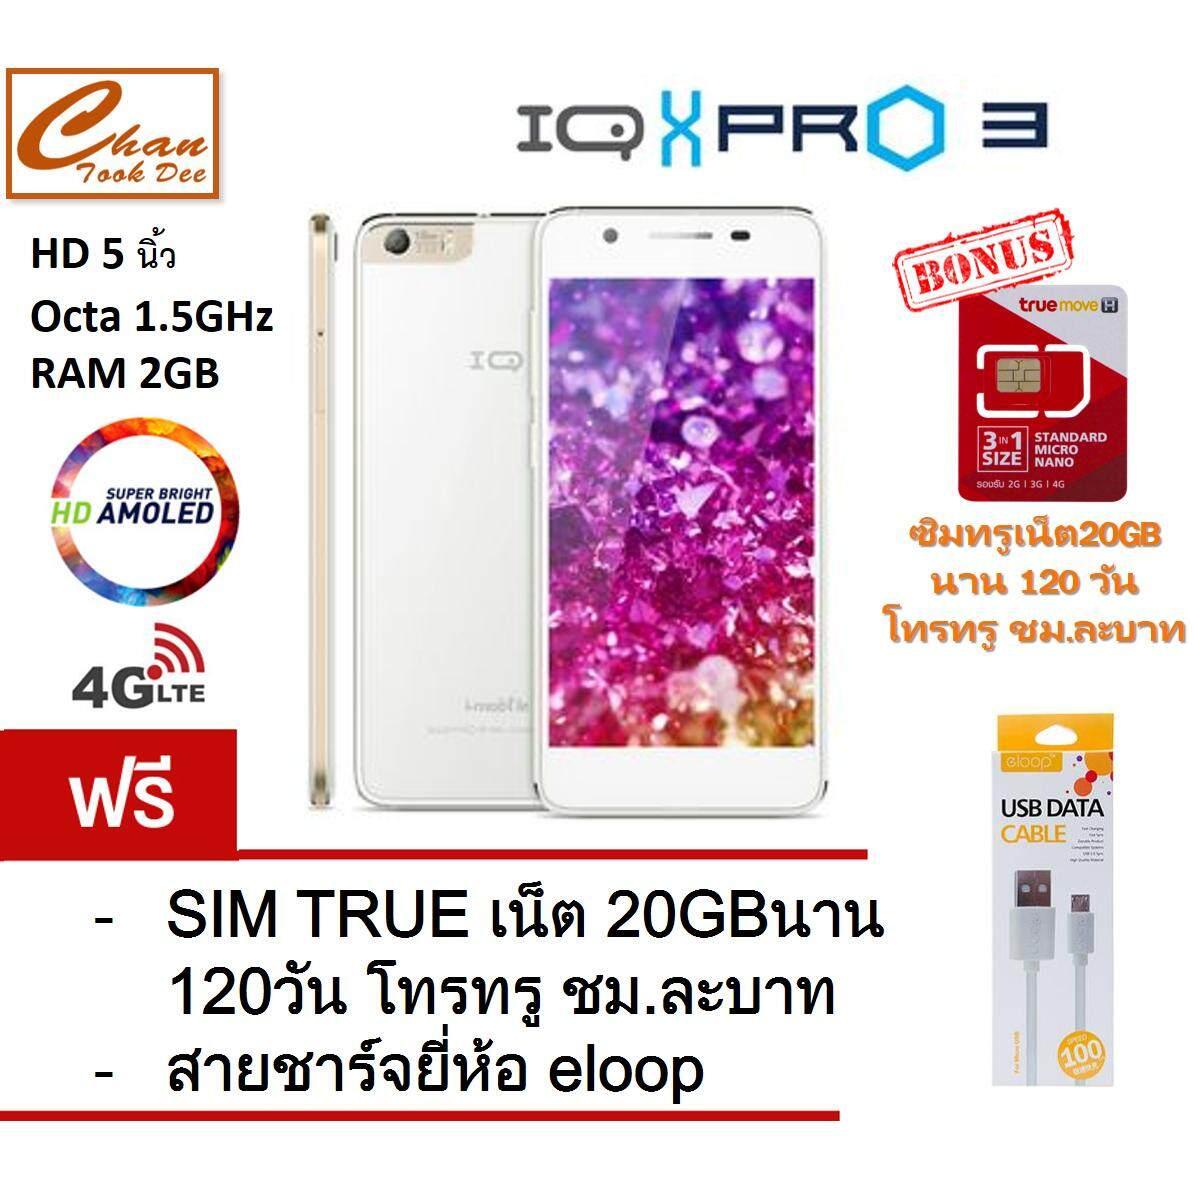 ราคา ราคาถูกที่สุด I Mobile Iq X Pro3 Super Brighr Amoled Hd 5 นิ้ว 4Glte Gold ประกันศูนย์ ฟรี สายชาร์จ ยี่ห้อ Eloop ซิมทรูเน็ต20Gb นาน 120 วัน โทรทรู ชม ละบาท